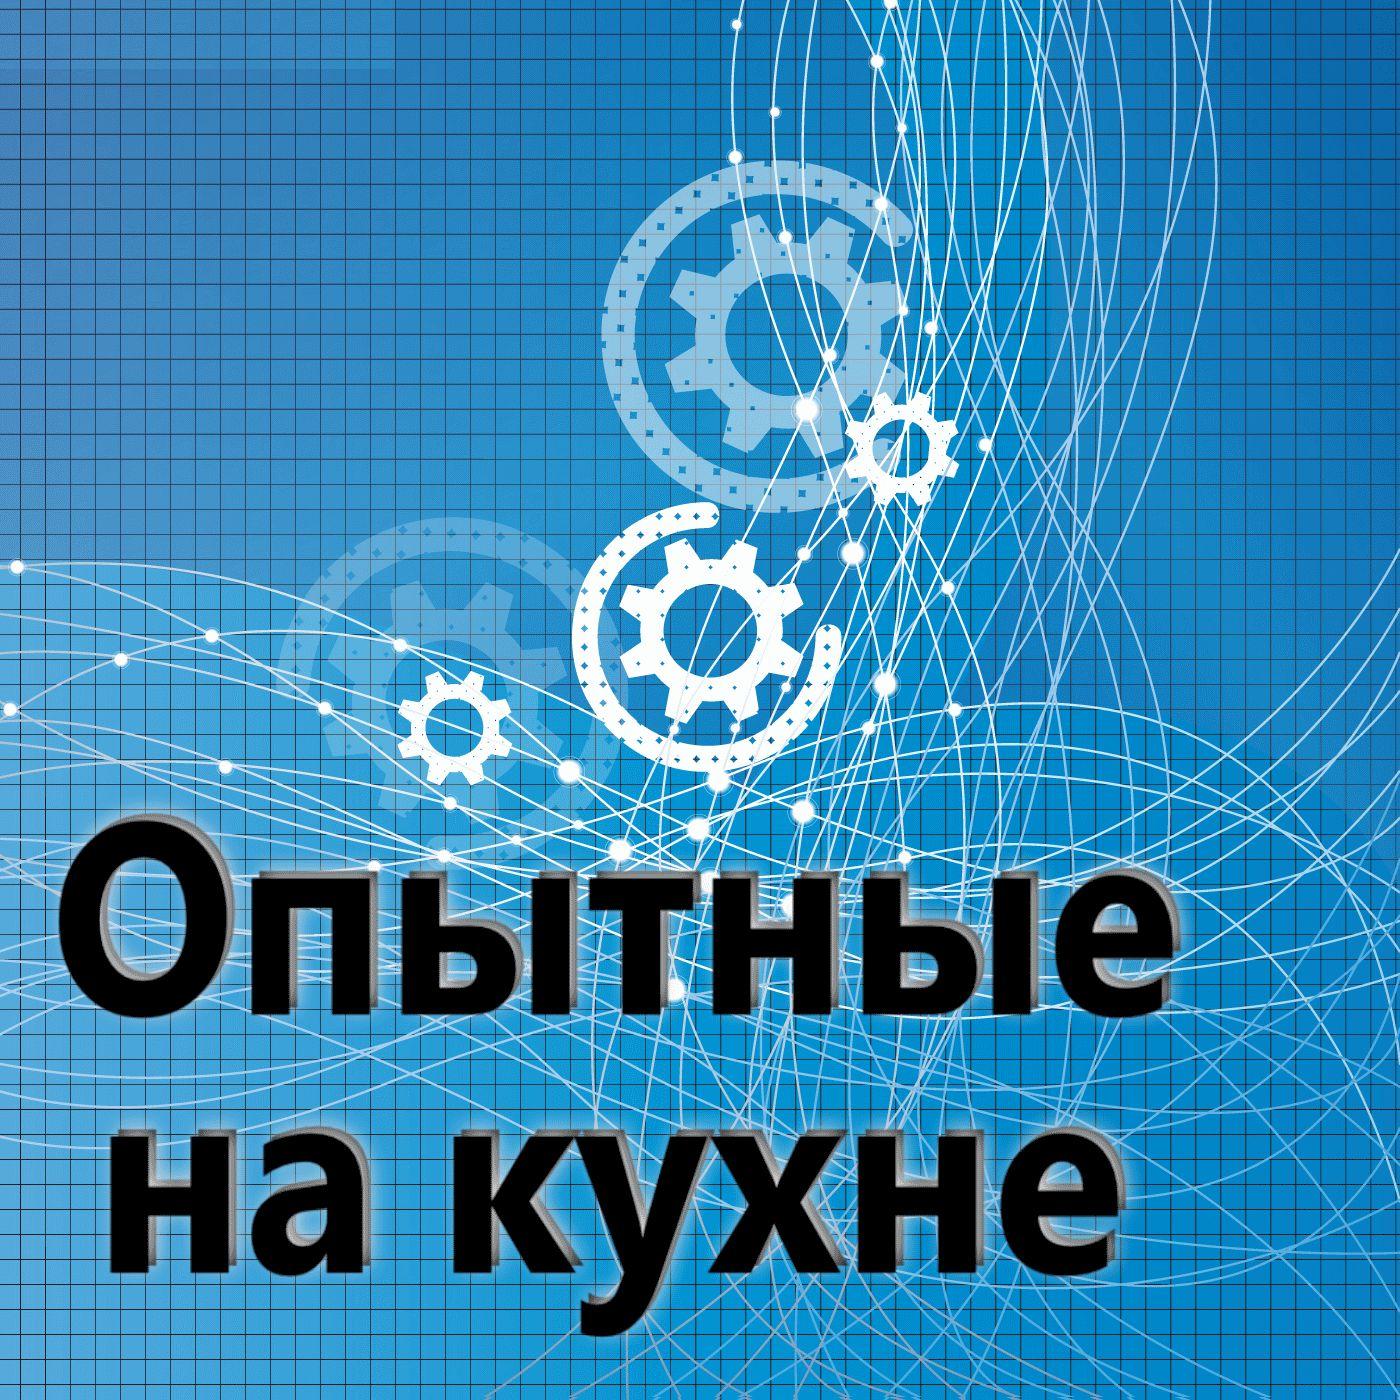 Евгений Плешивцев Опытные на кухне №050 запчасти и устройства для радиоуправляемых самолётов alphaair